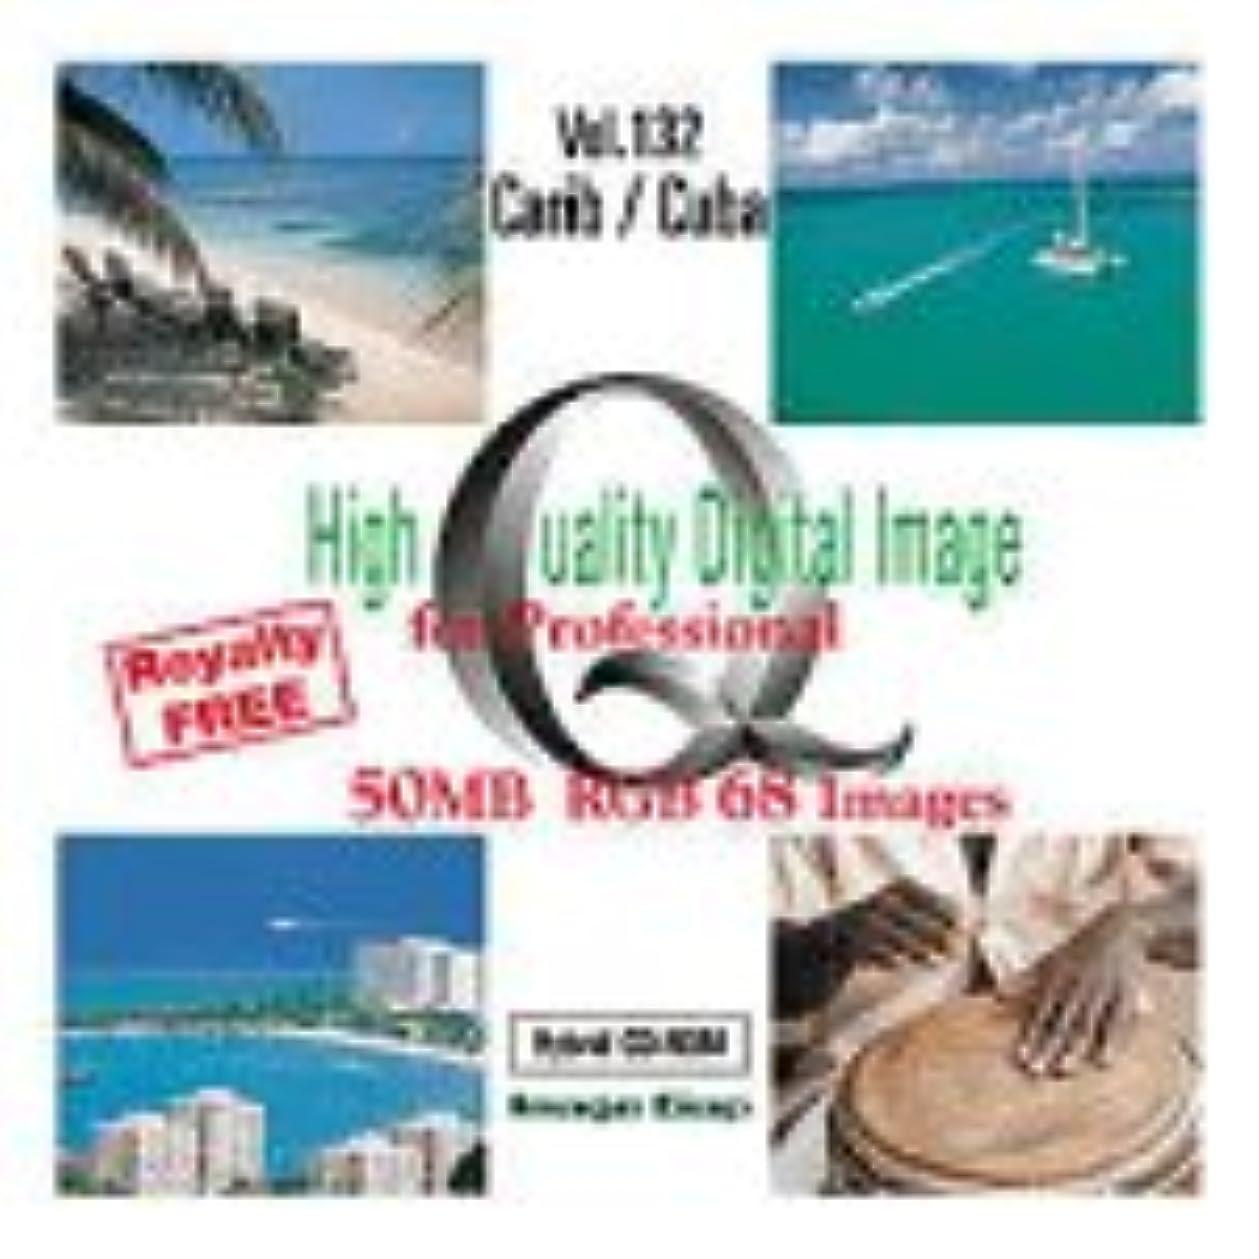 命令伝えるコンチネンタルHigh Quality Digital Image Carib / Cuba